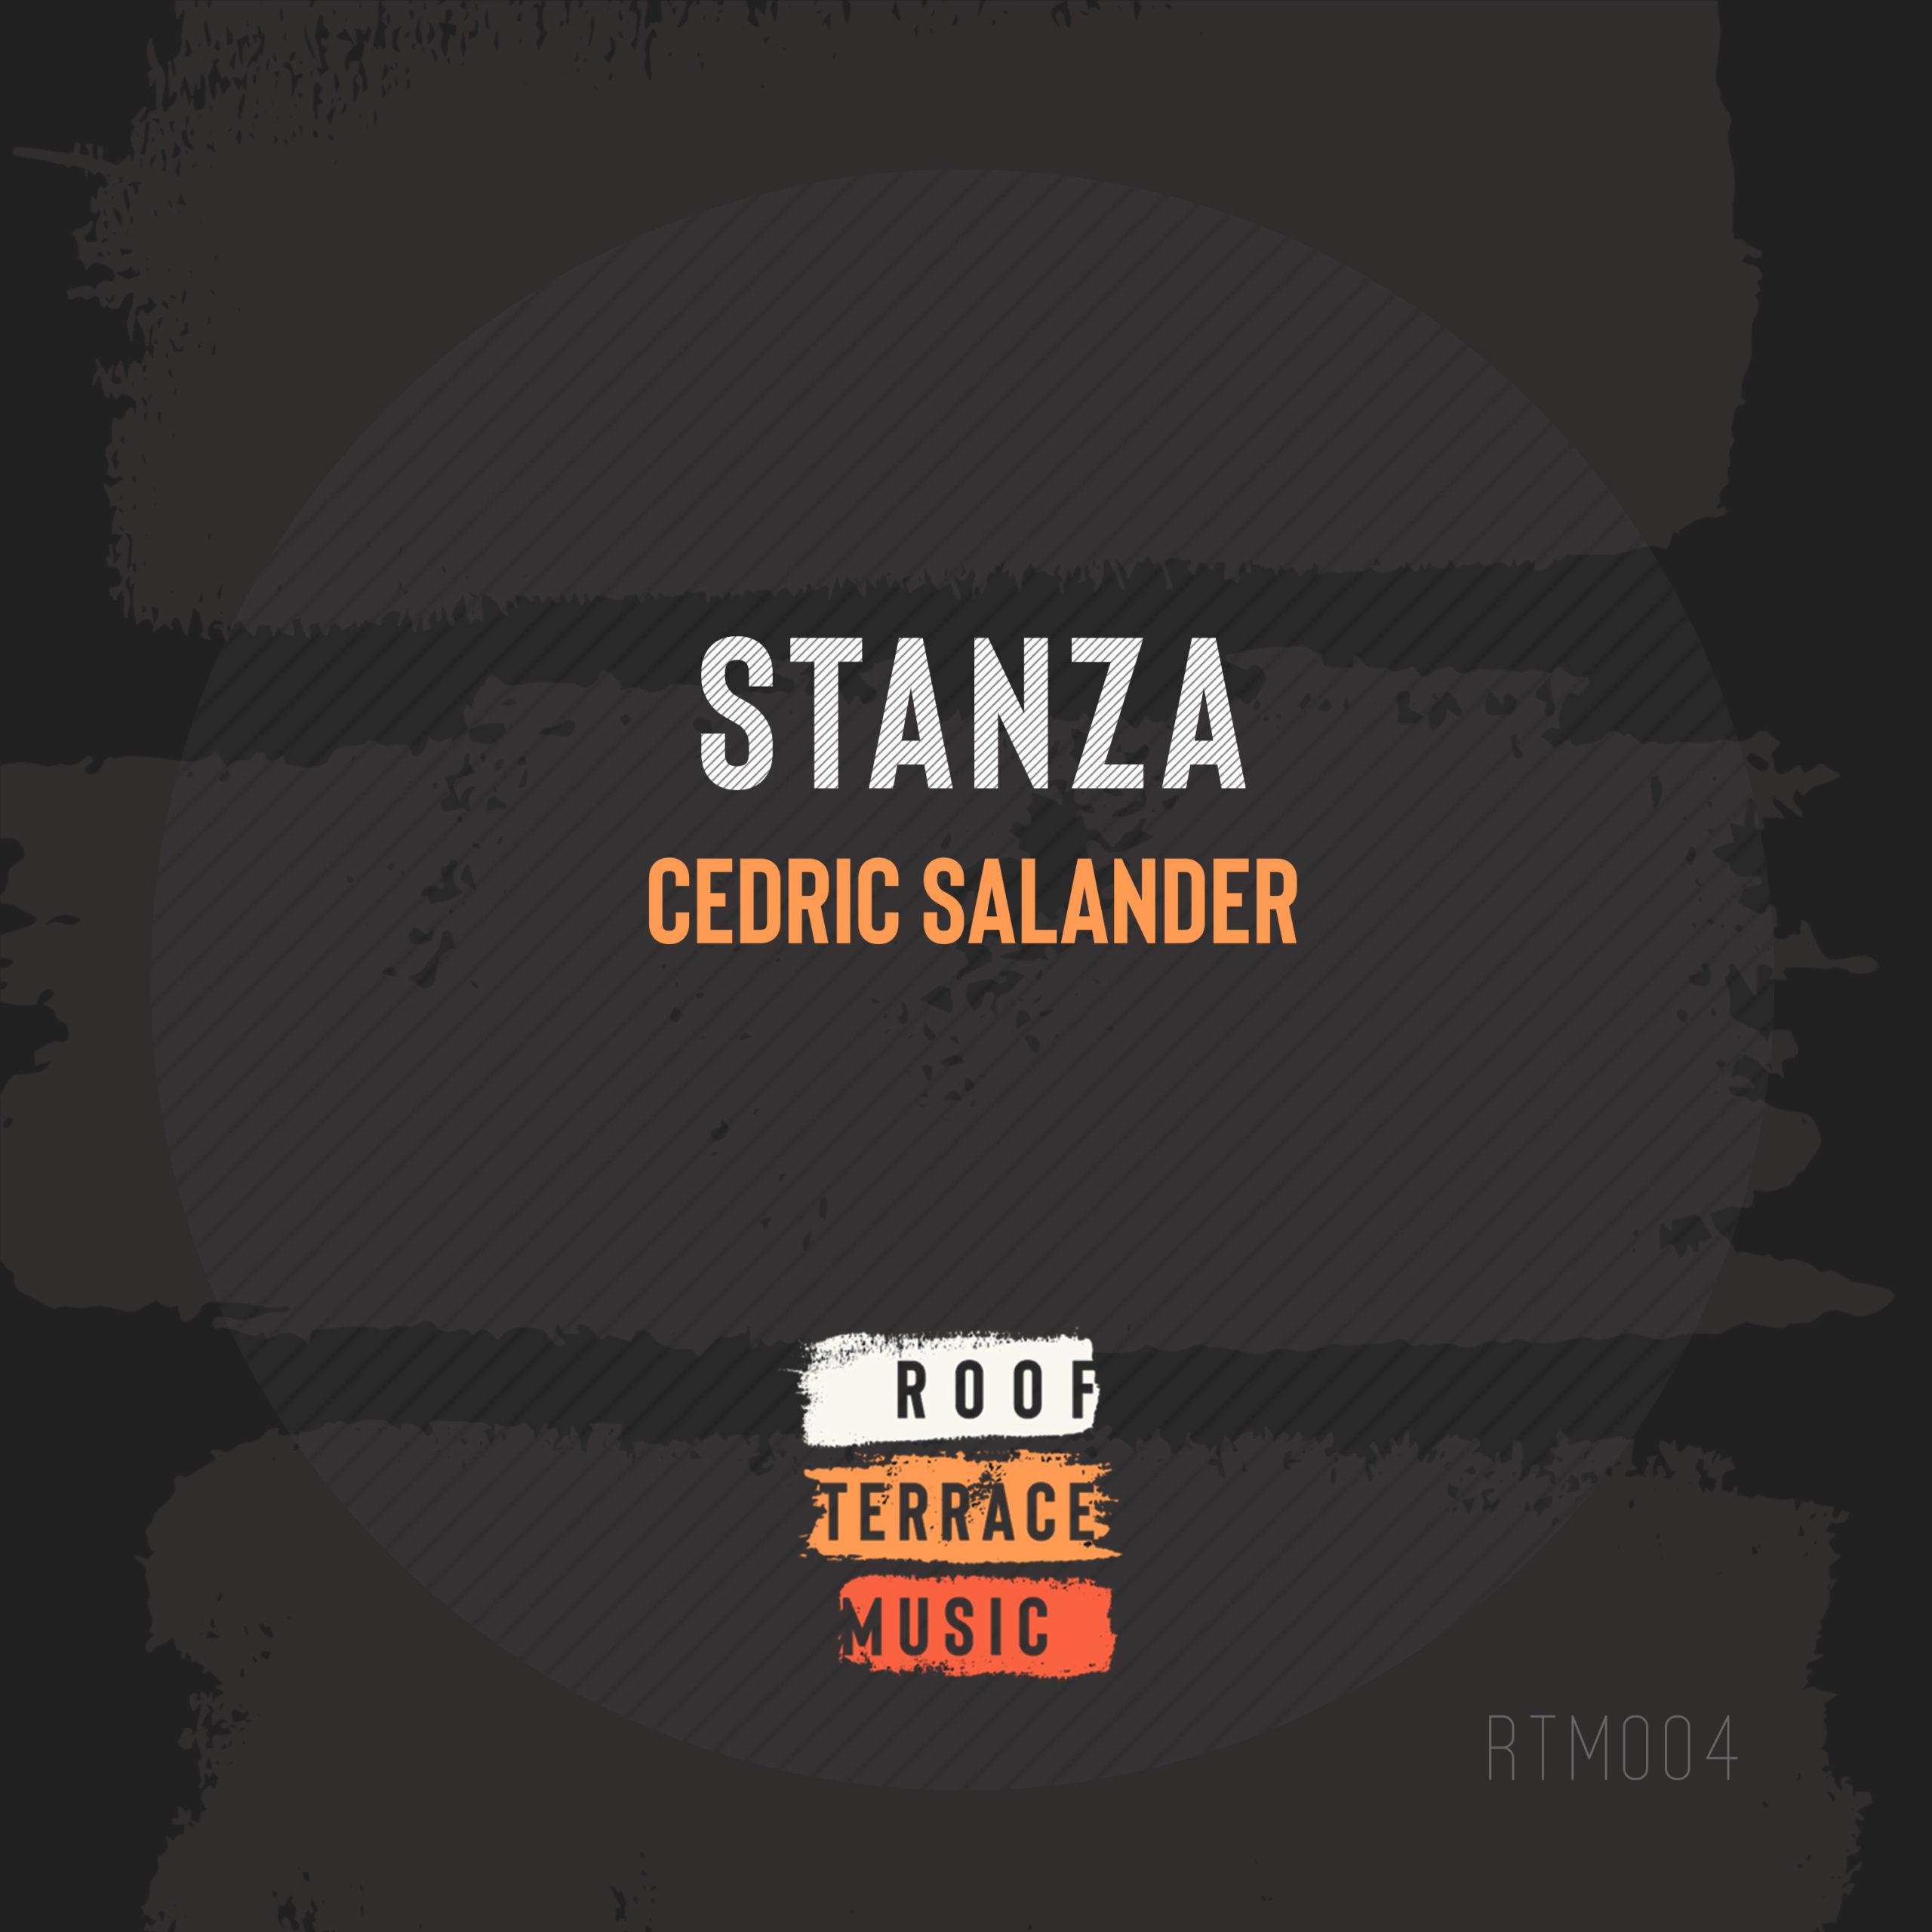 STANZA COVER